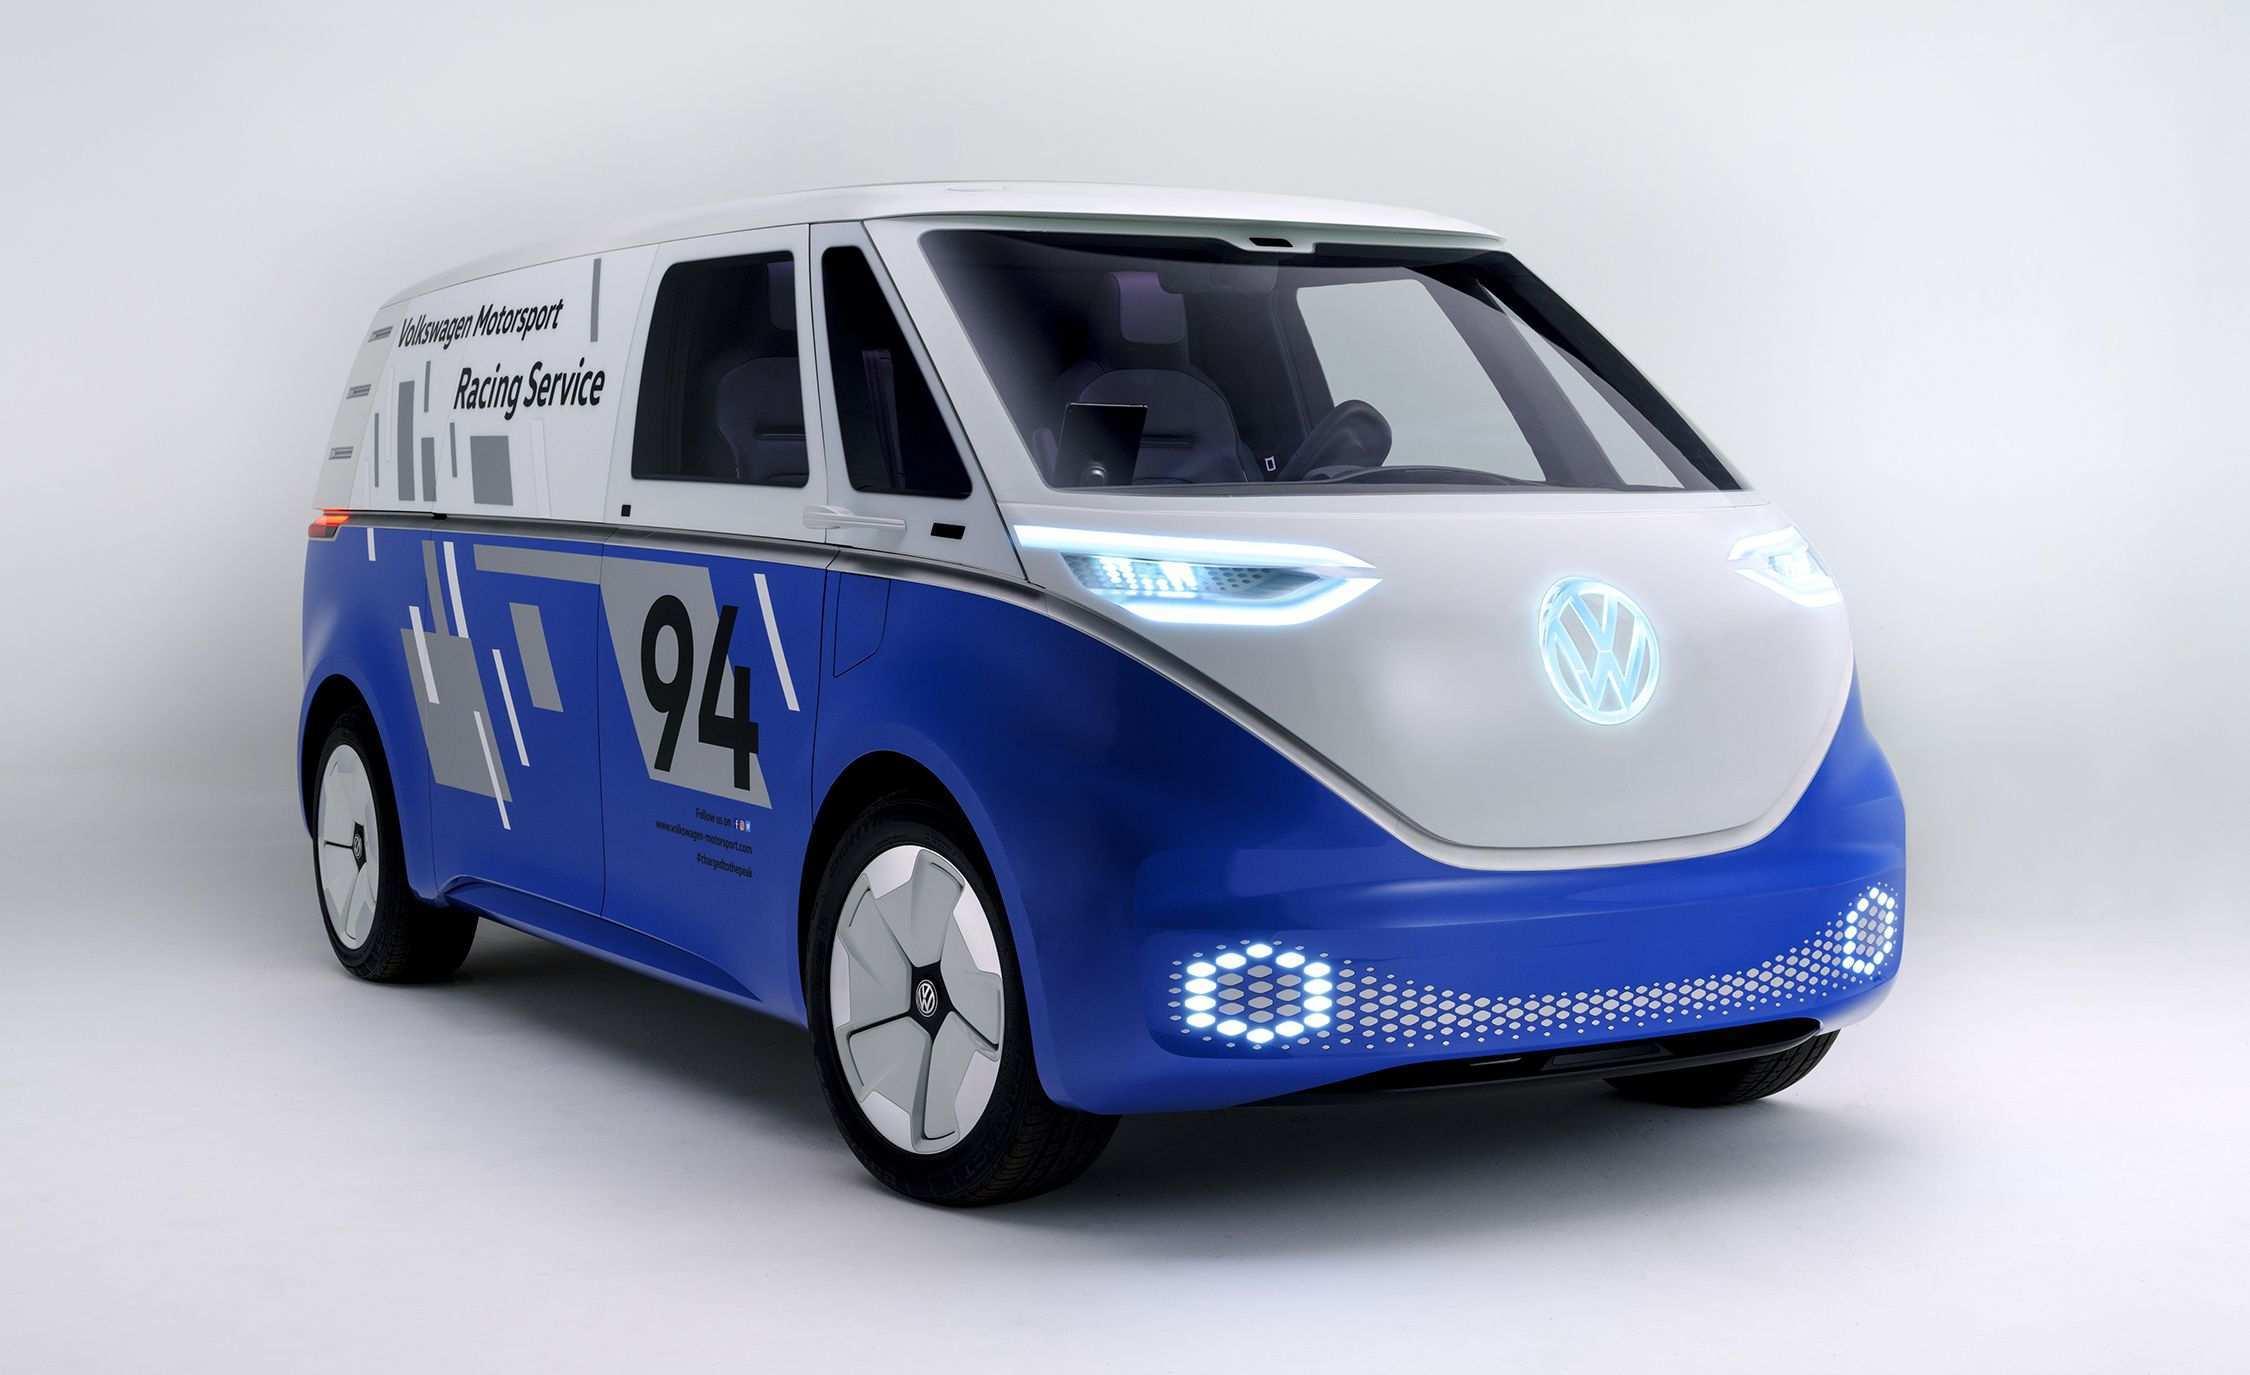 74 Concept of Volkswagen Minibus 2020 Picture with Volkswagen Minibus 2020